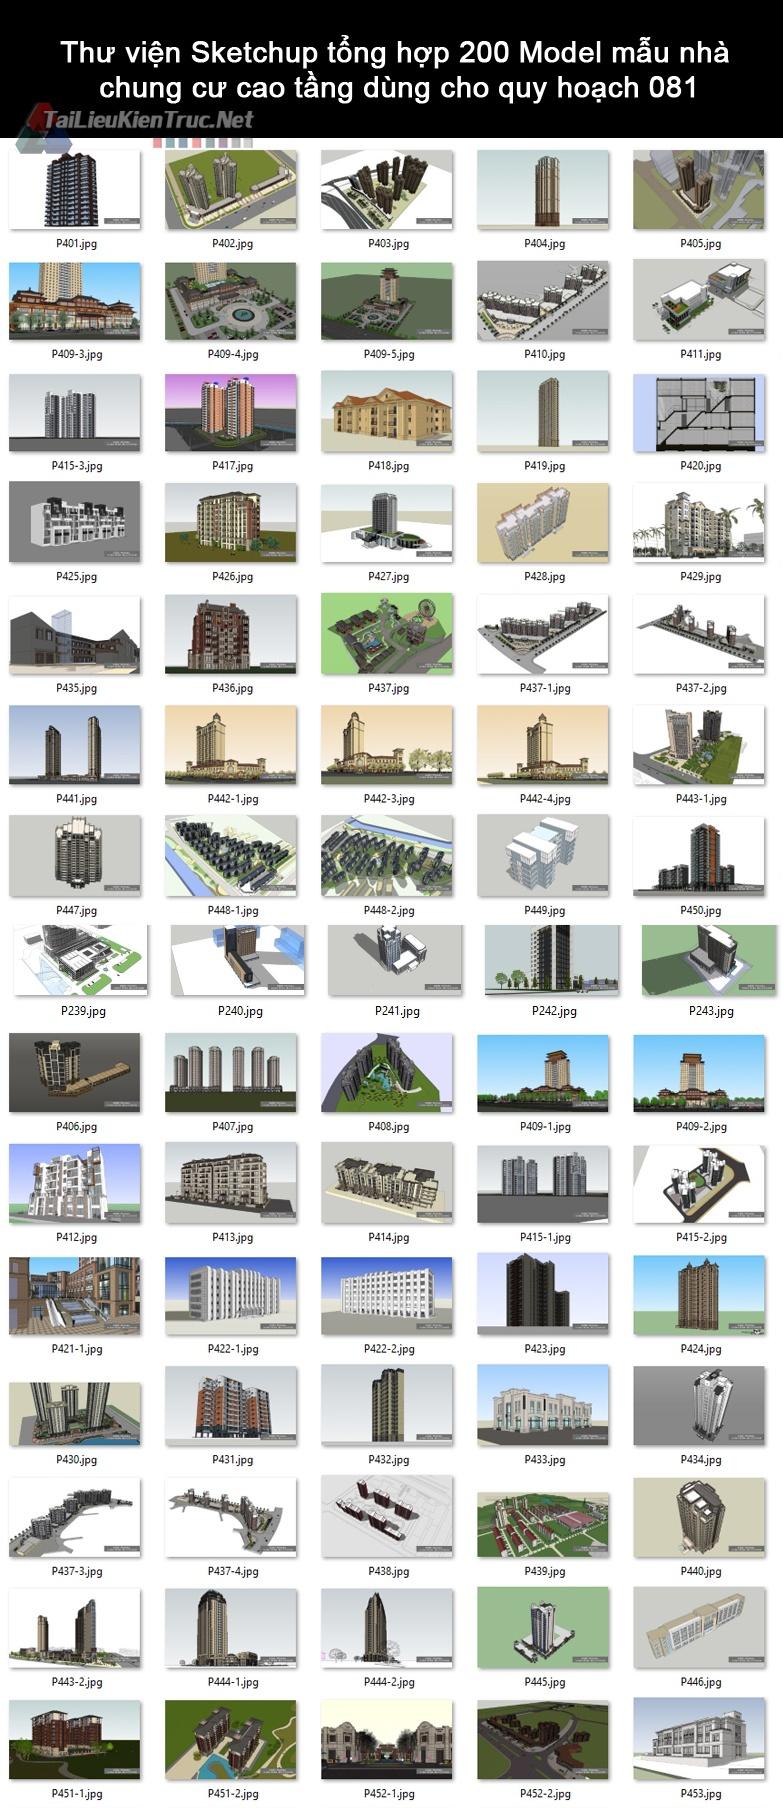 Thư viện Sketchup tổng hợp 200 Model mẫu nhà chung cư cao tầng dùng cho quy hoạch 081